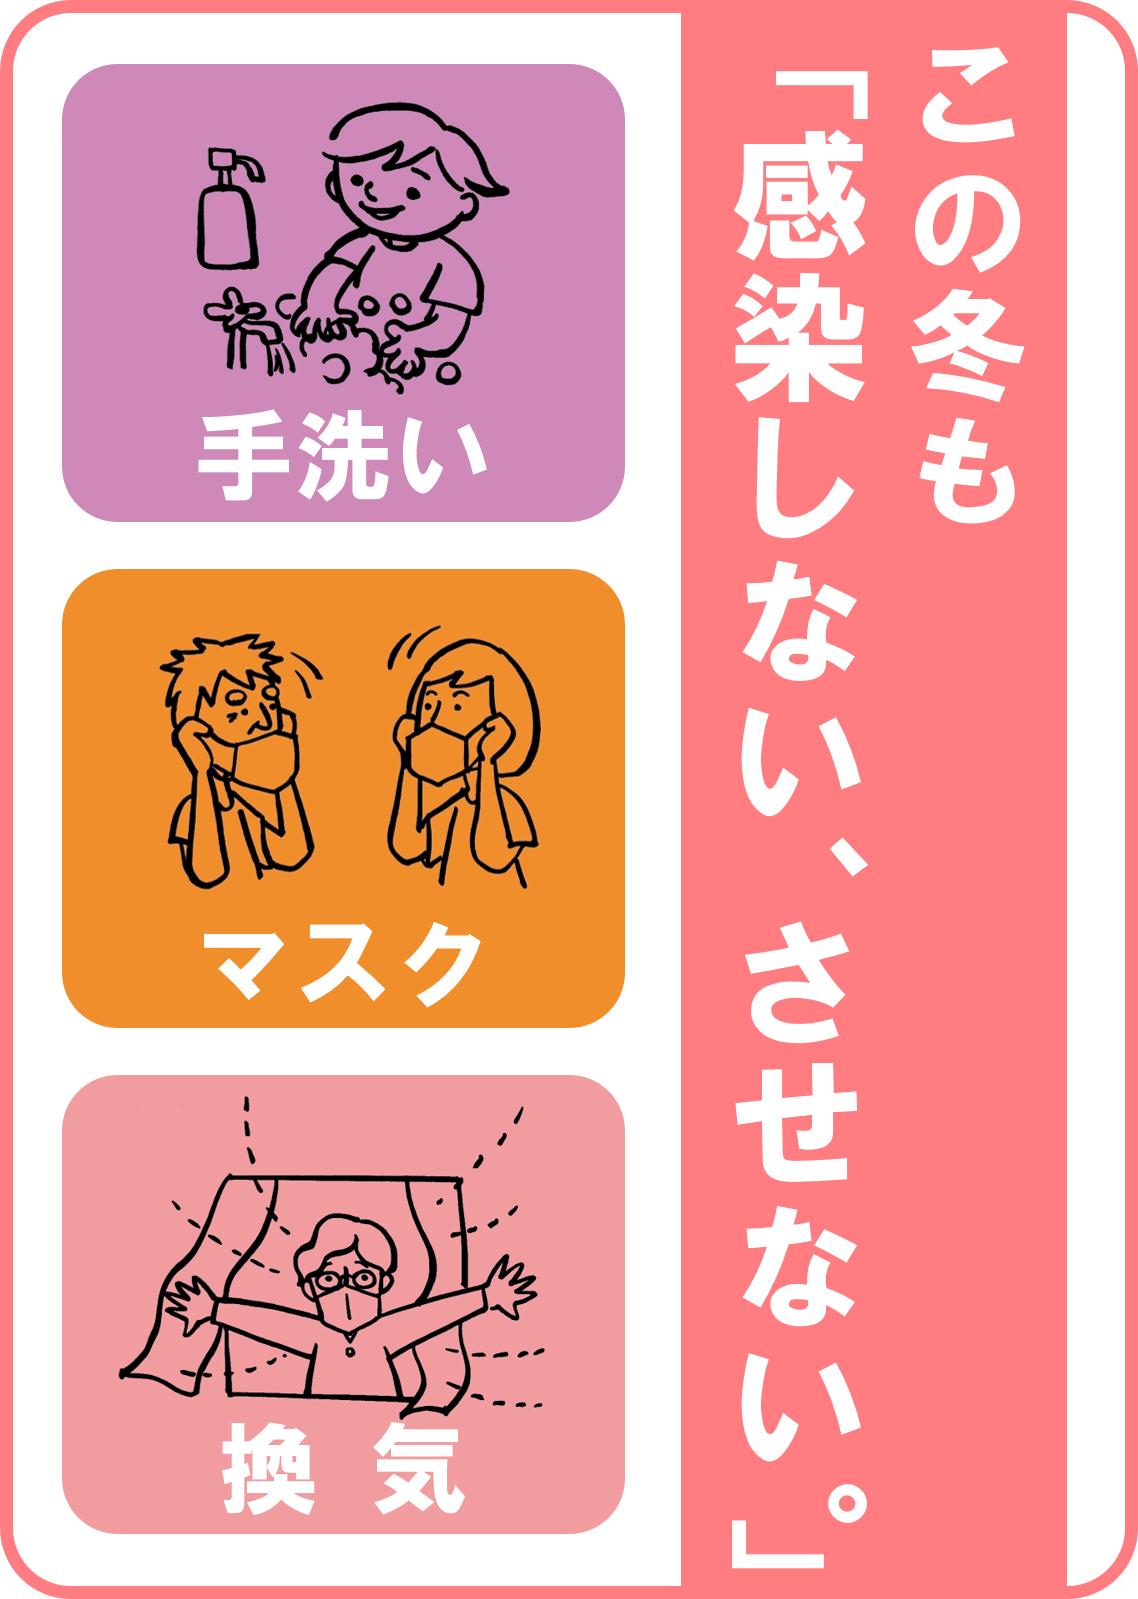 の の コロナ 者 ウイルス 今日 東京 数 感染